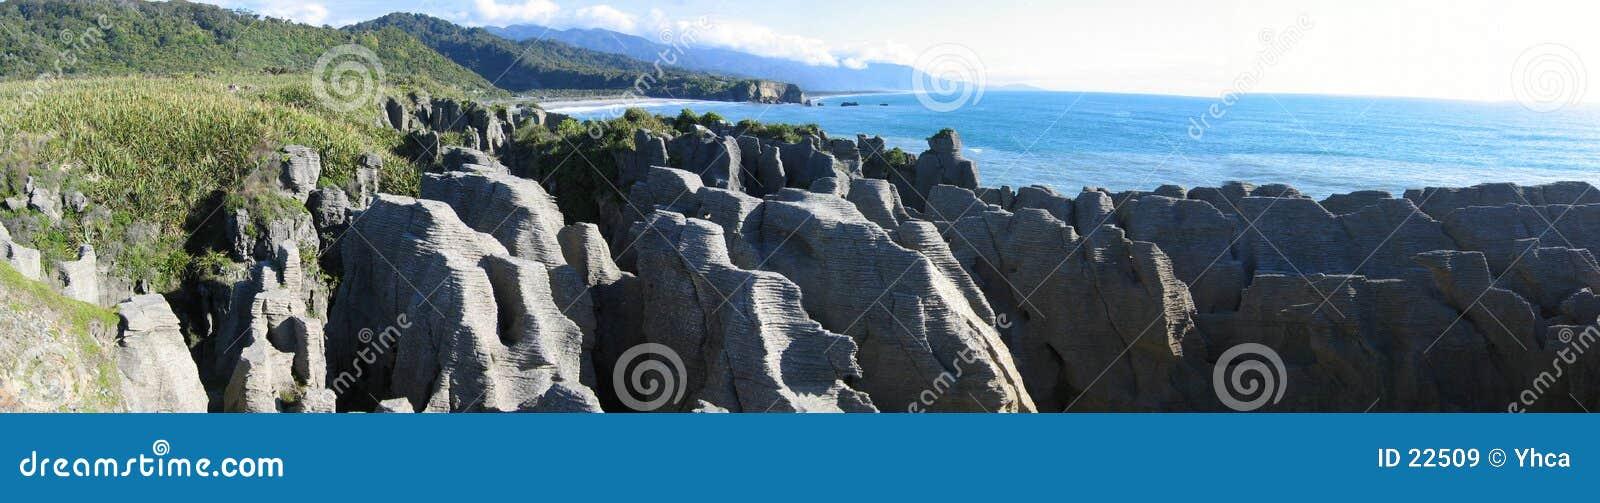 Pancake Rocks Background